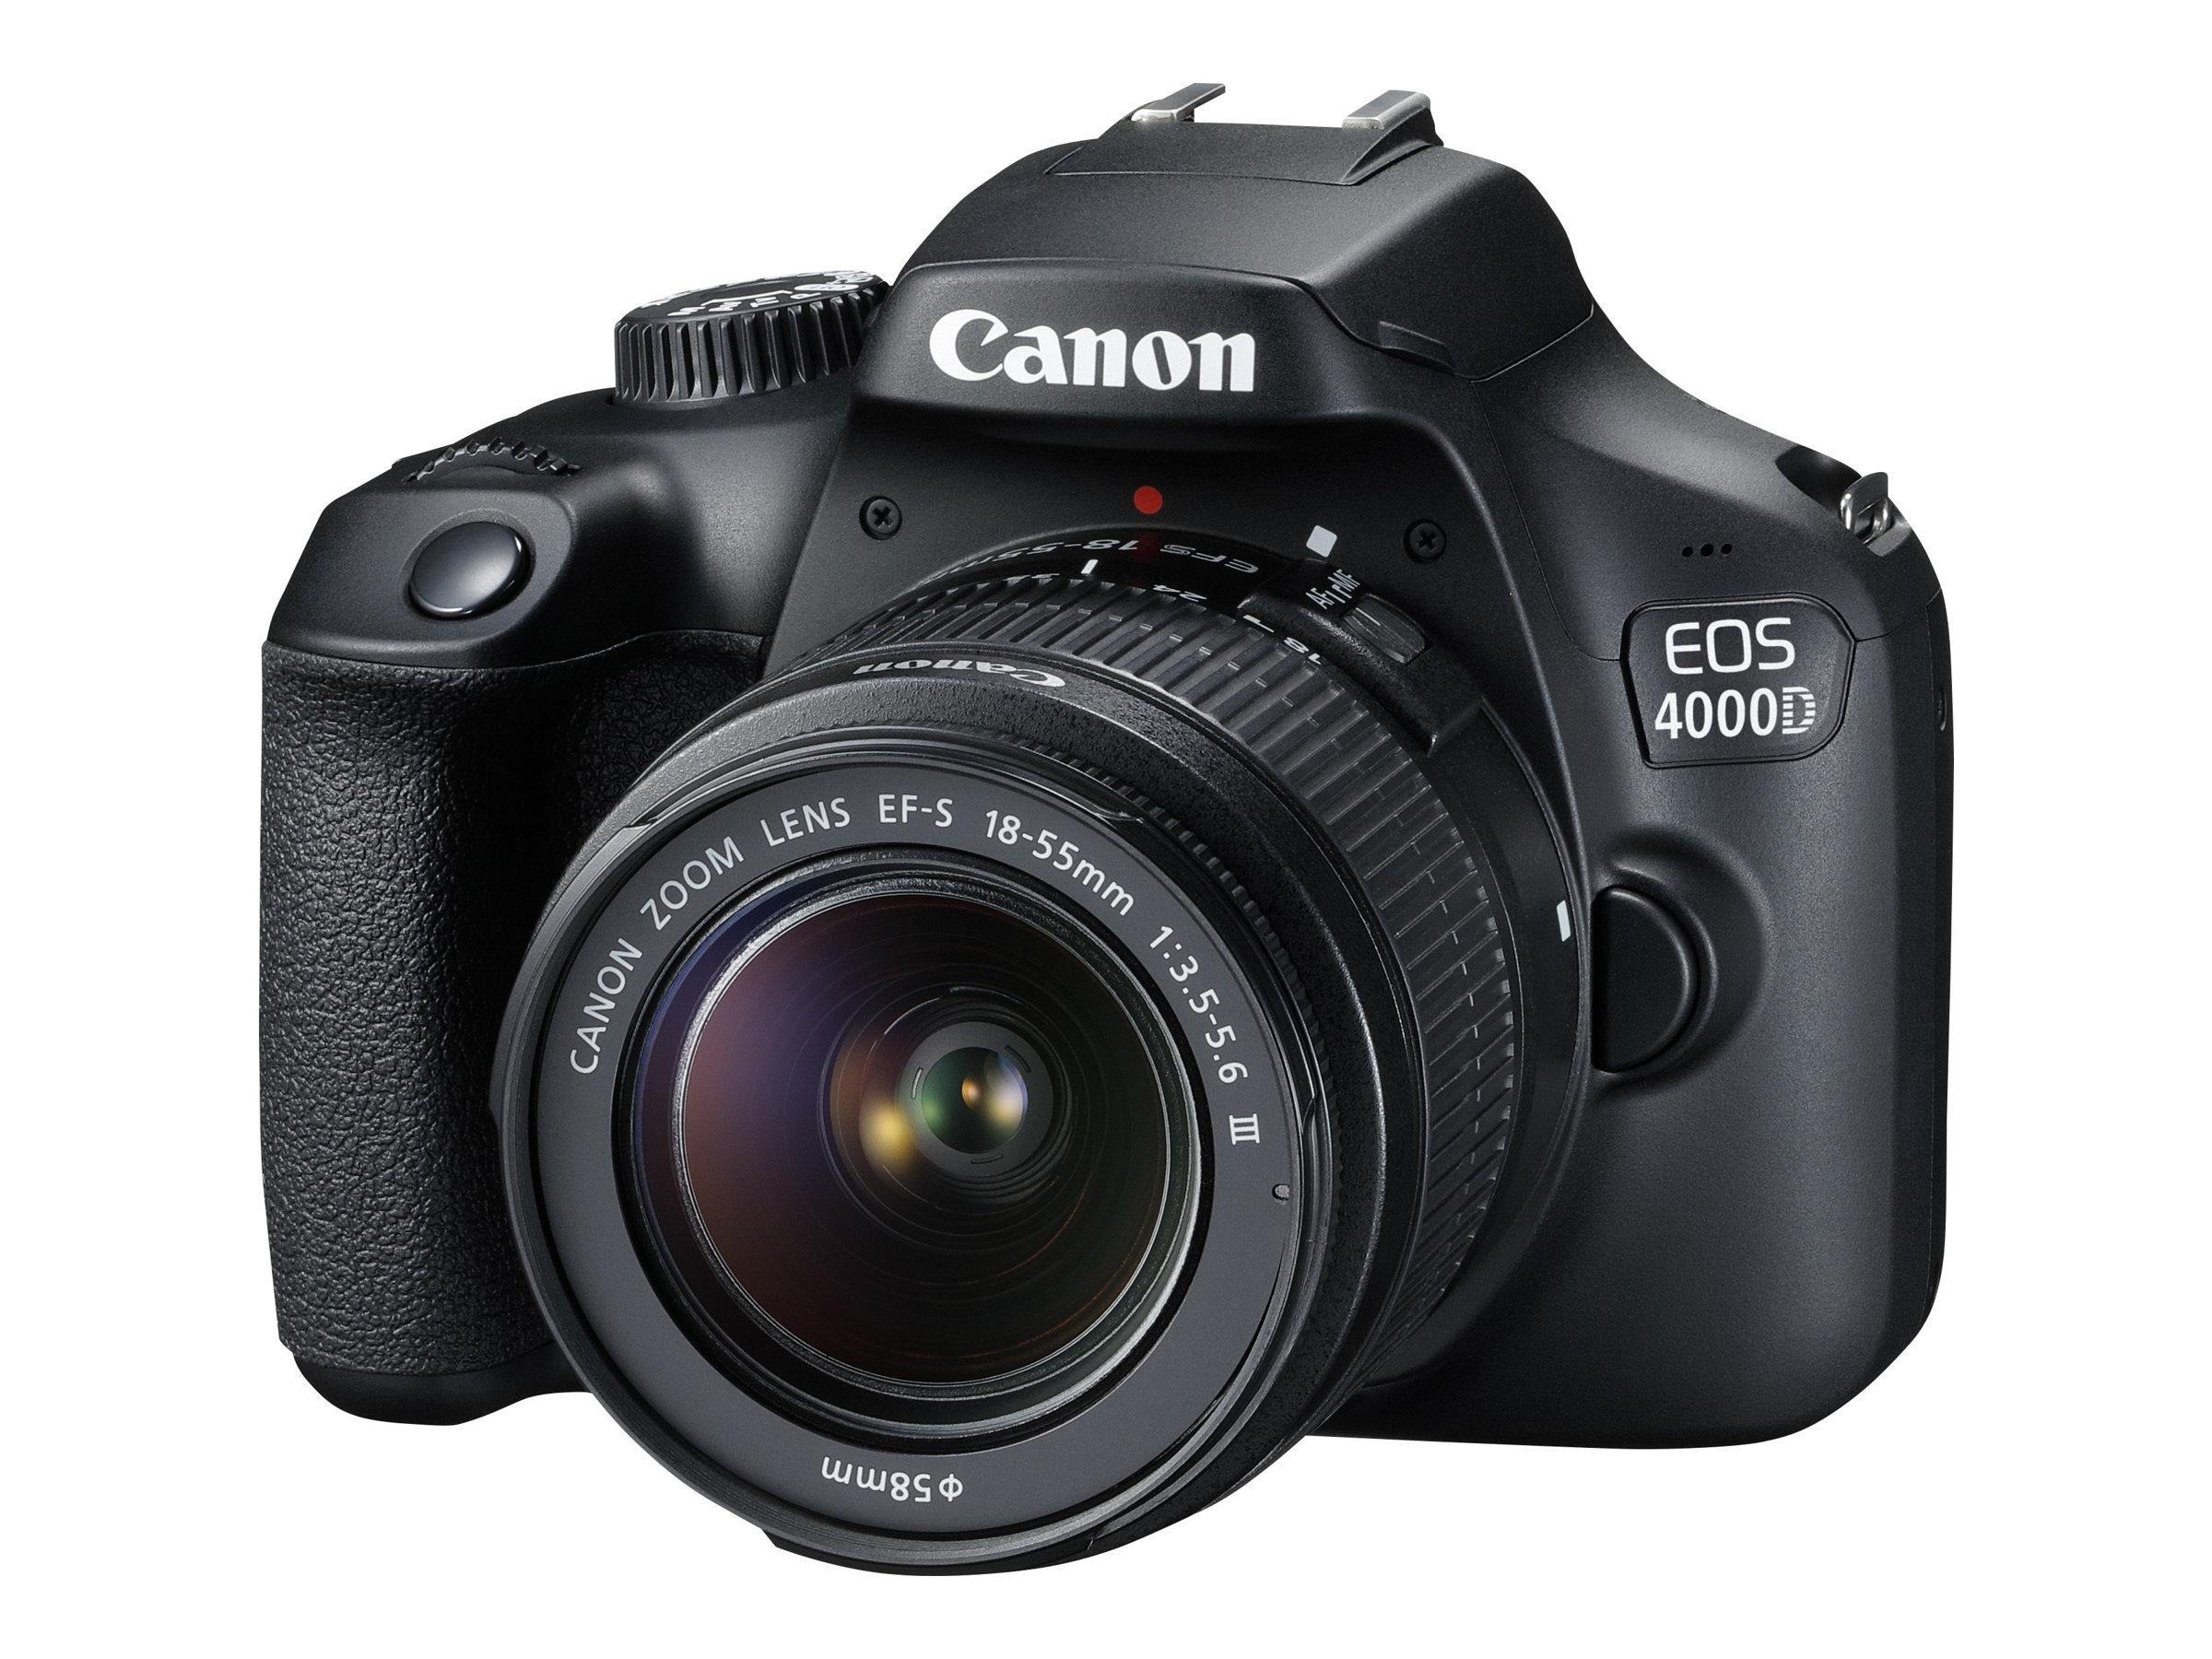 Canon EOS 4000D - Digitalkamera - SLR - 18.0 MPix - APS-C - 1080p / 30 BpS